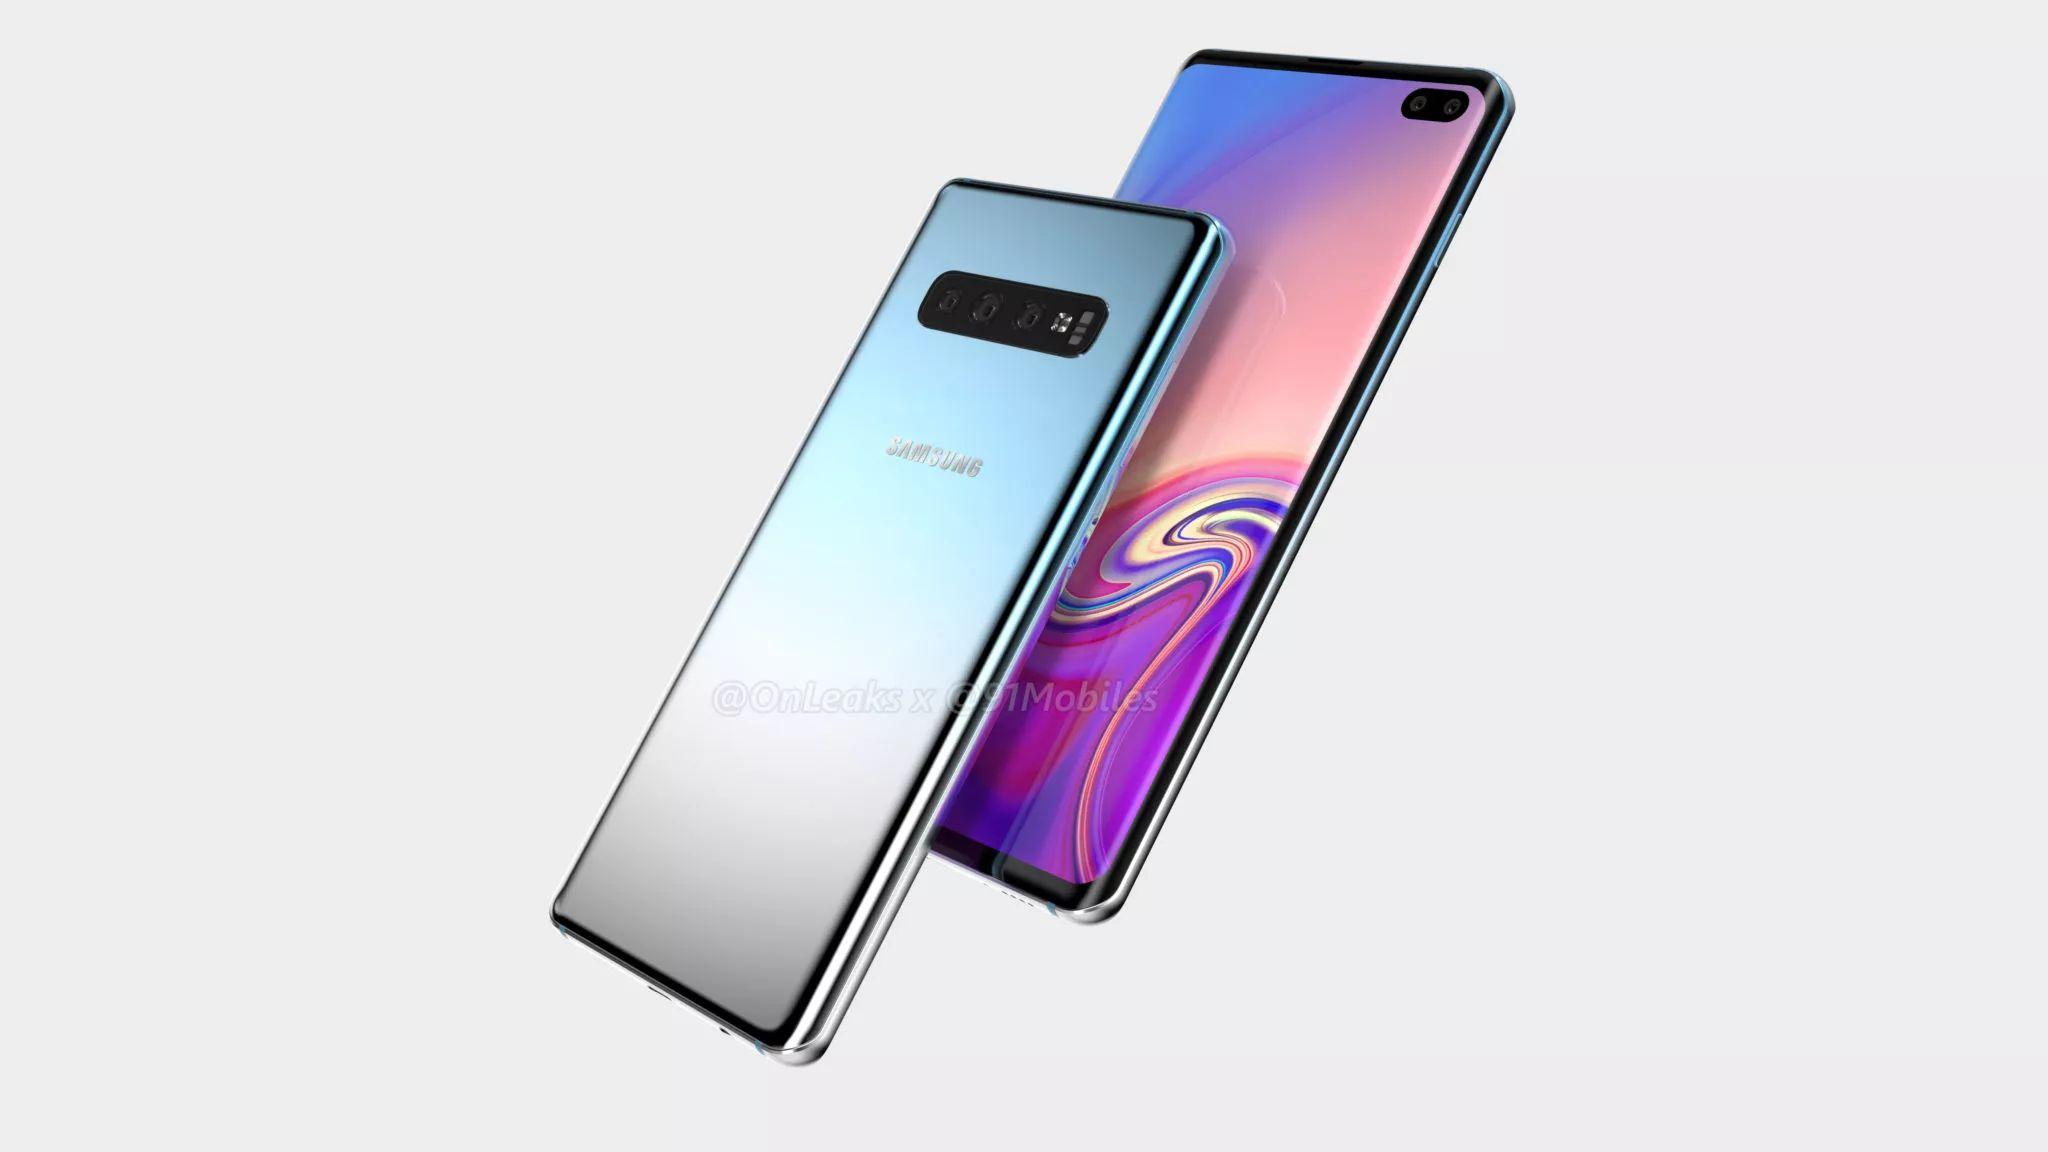 W jakich kolorach będzie dostępny Samsung Galaxy S10? Wygląda na to, że już to wiemy 21